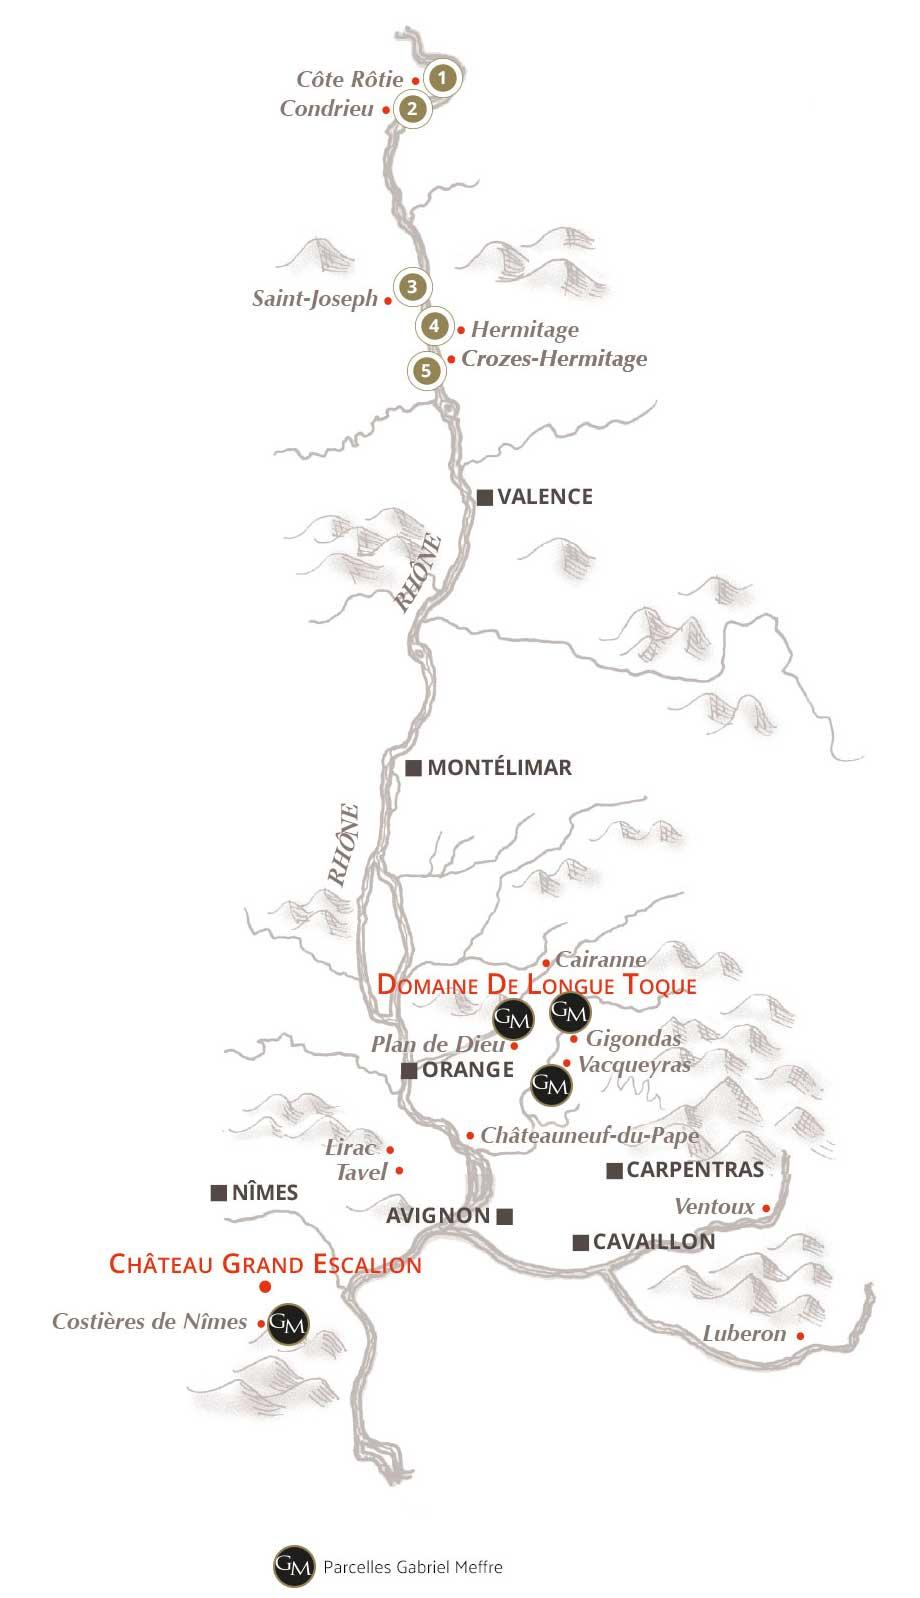 Carte des terroirs